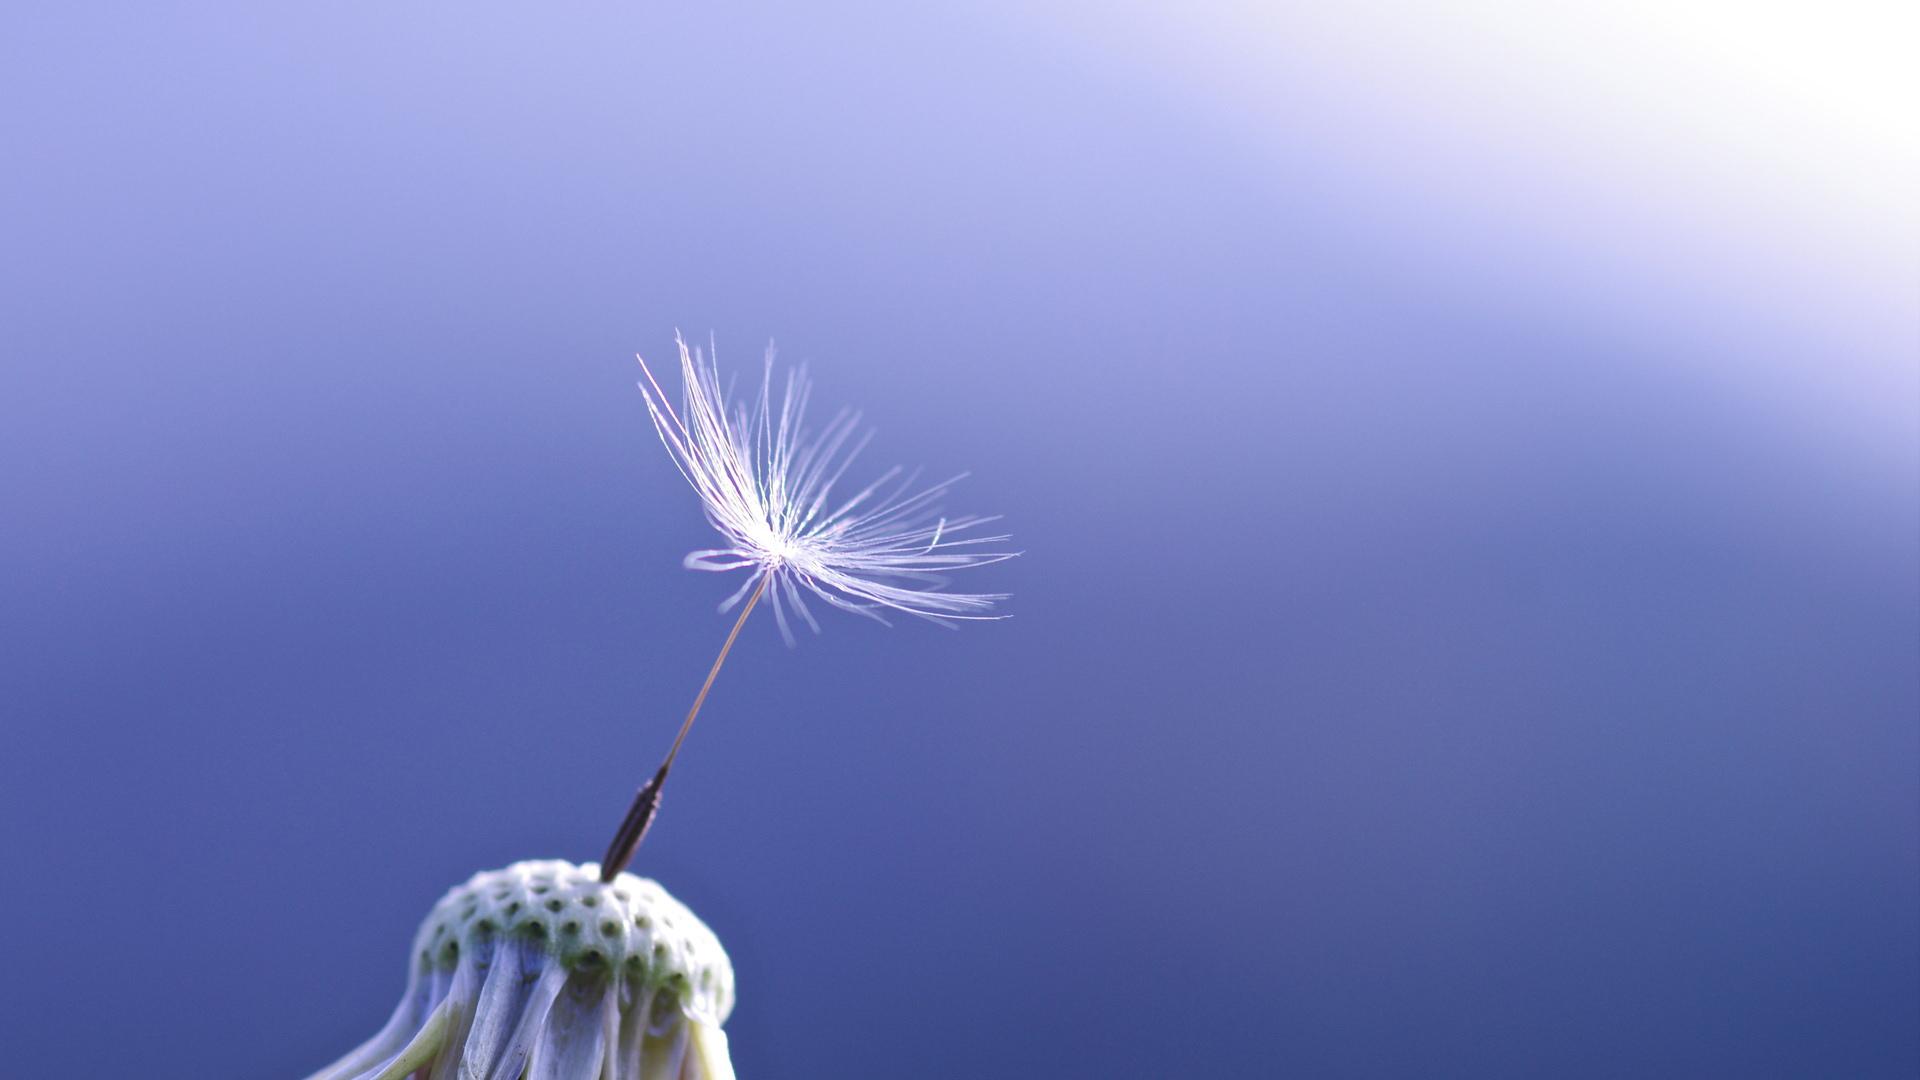 Một ảnh nền hoa bồ công anh rất đẹp nữa